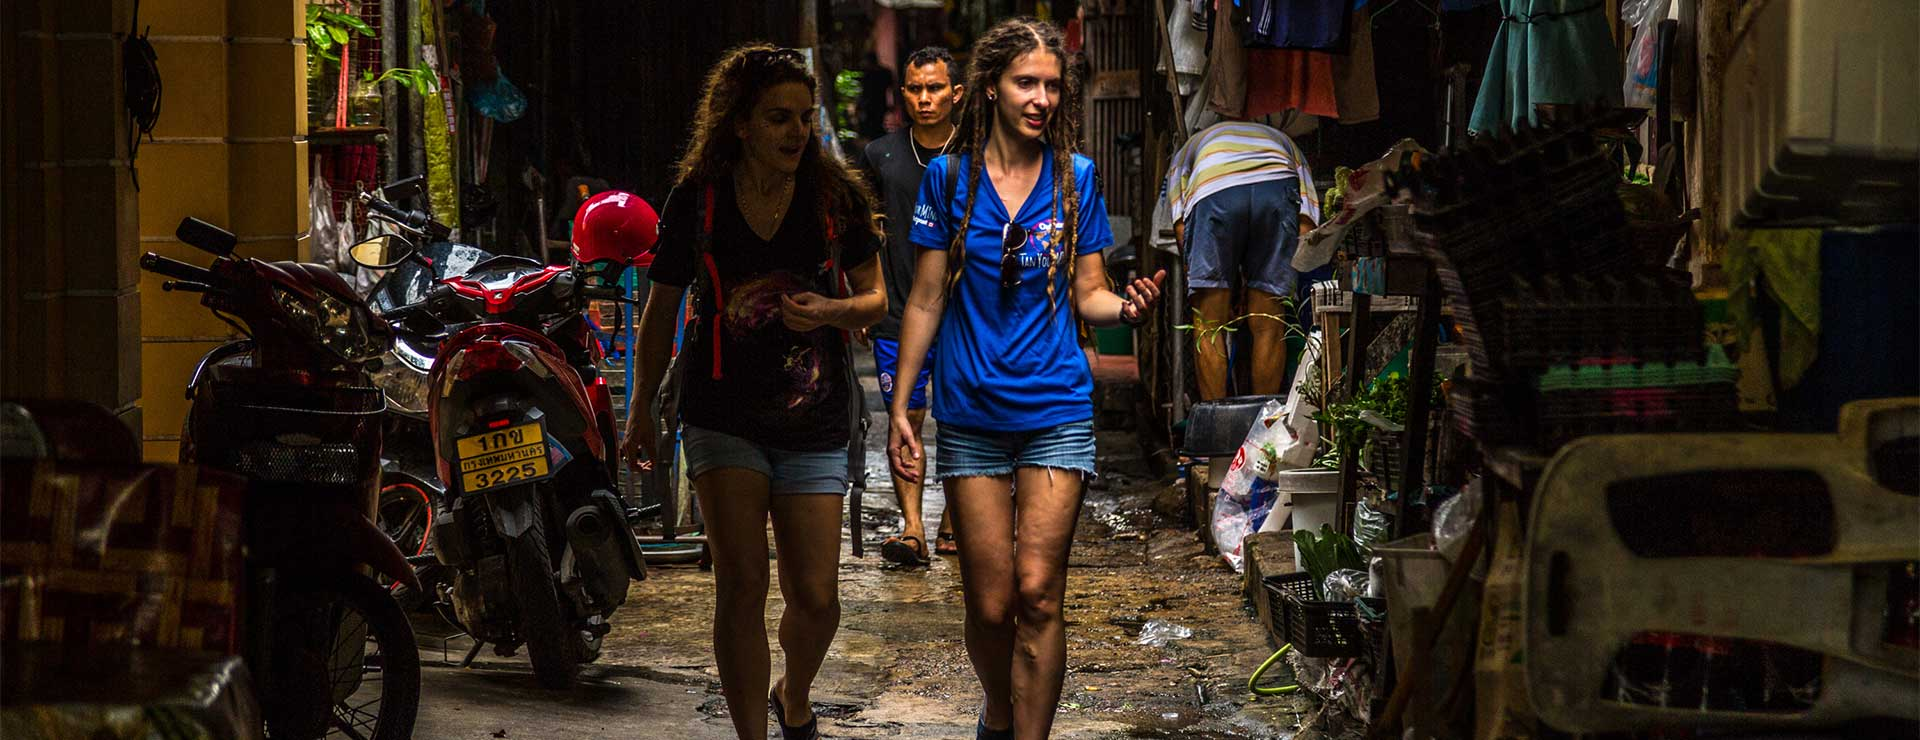 bangkok amulet market